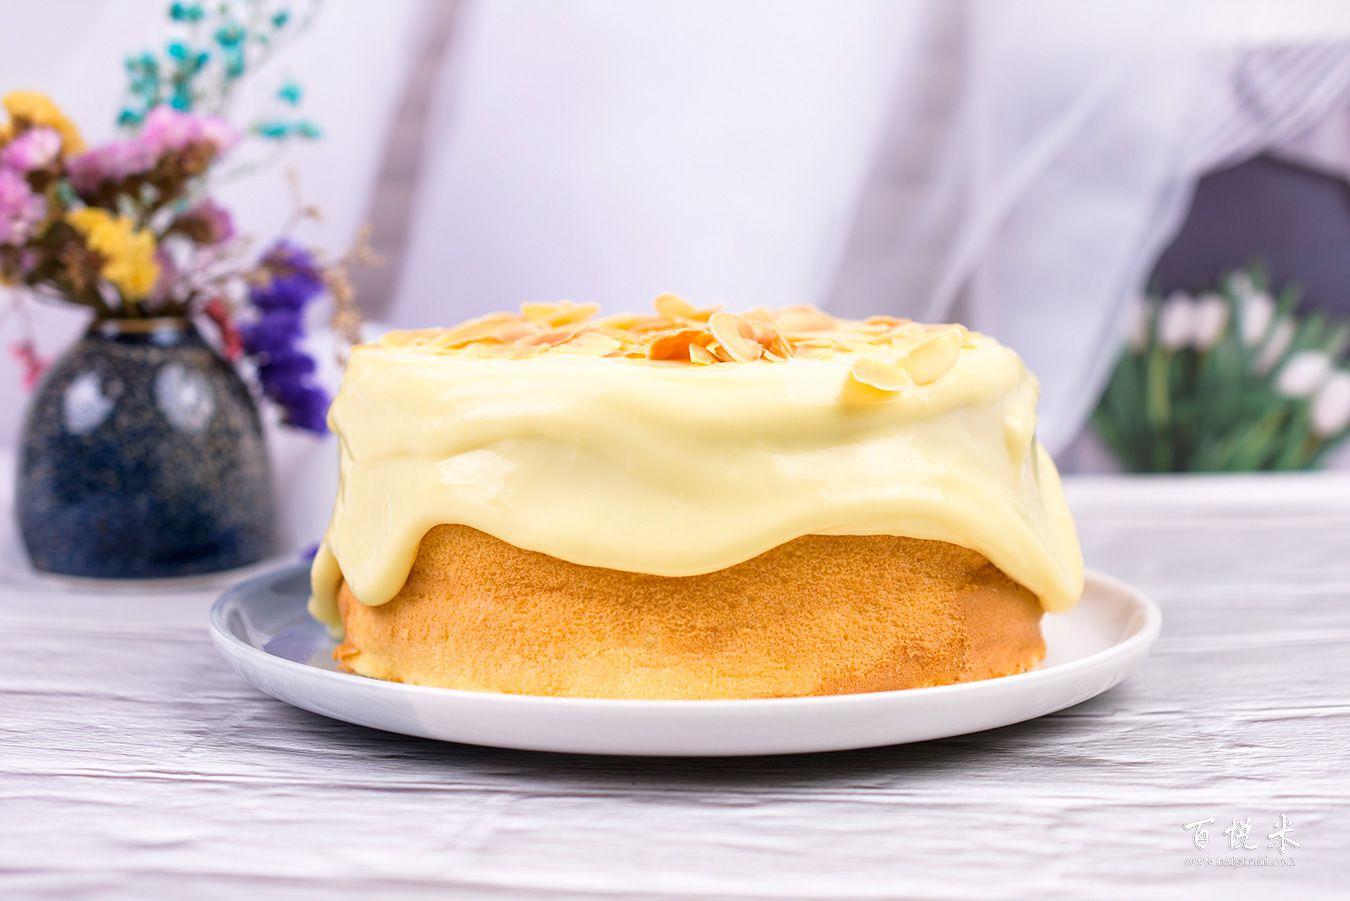 海盐奶盖蛋糕高清图片大全【蛋糕图片】_749